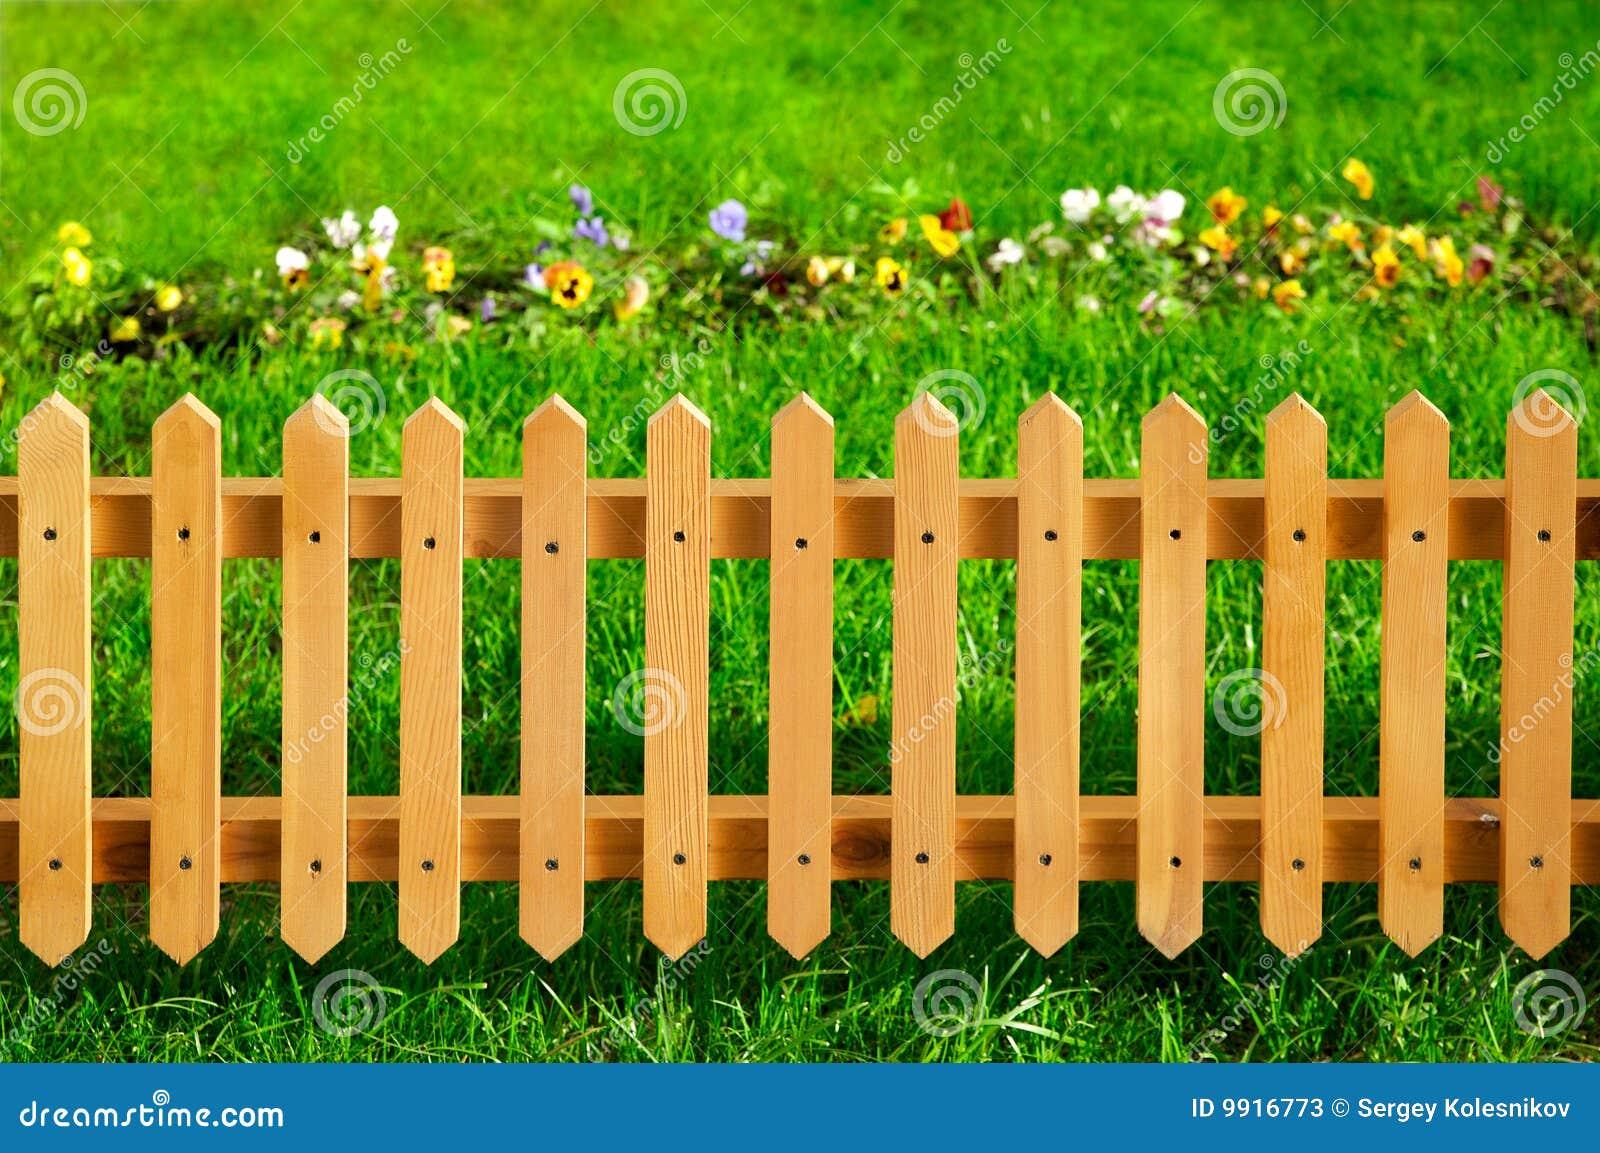 :Cerca de madeira do jardim de encontro à grama verde e às flores #368507 1300x954